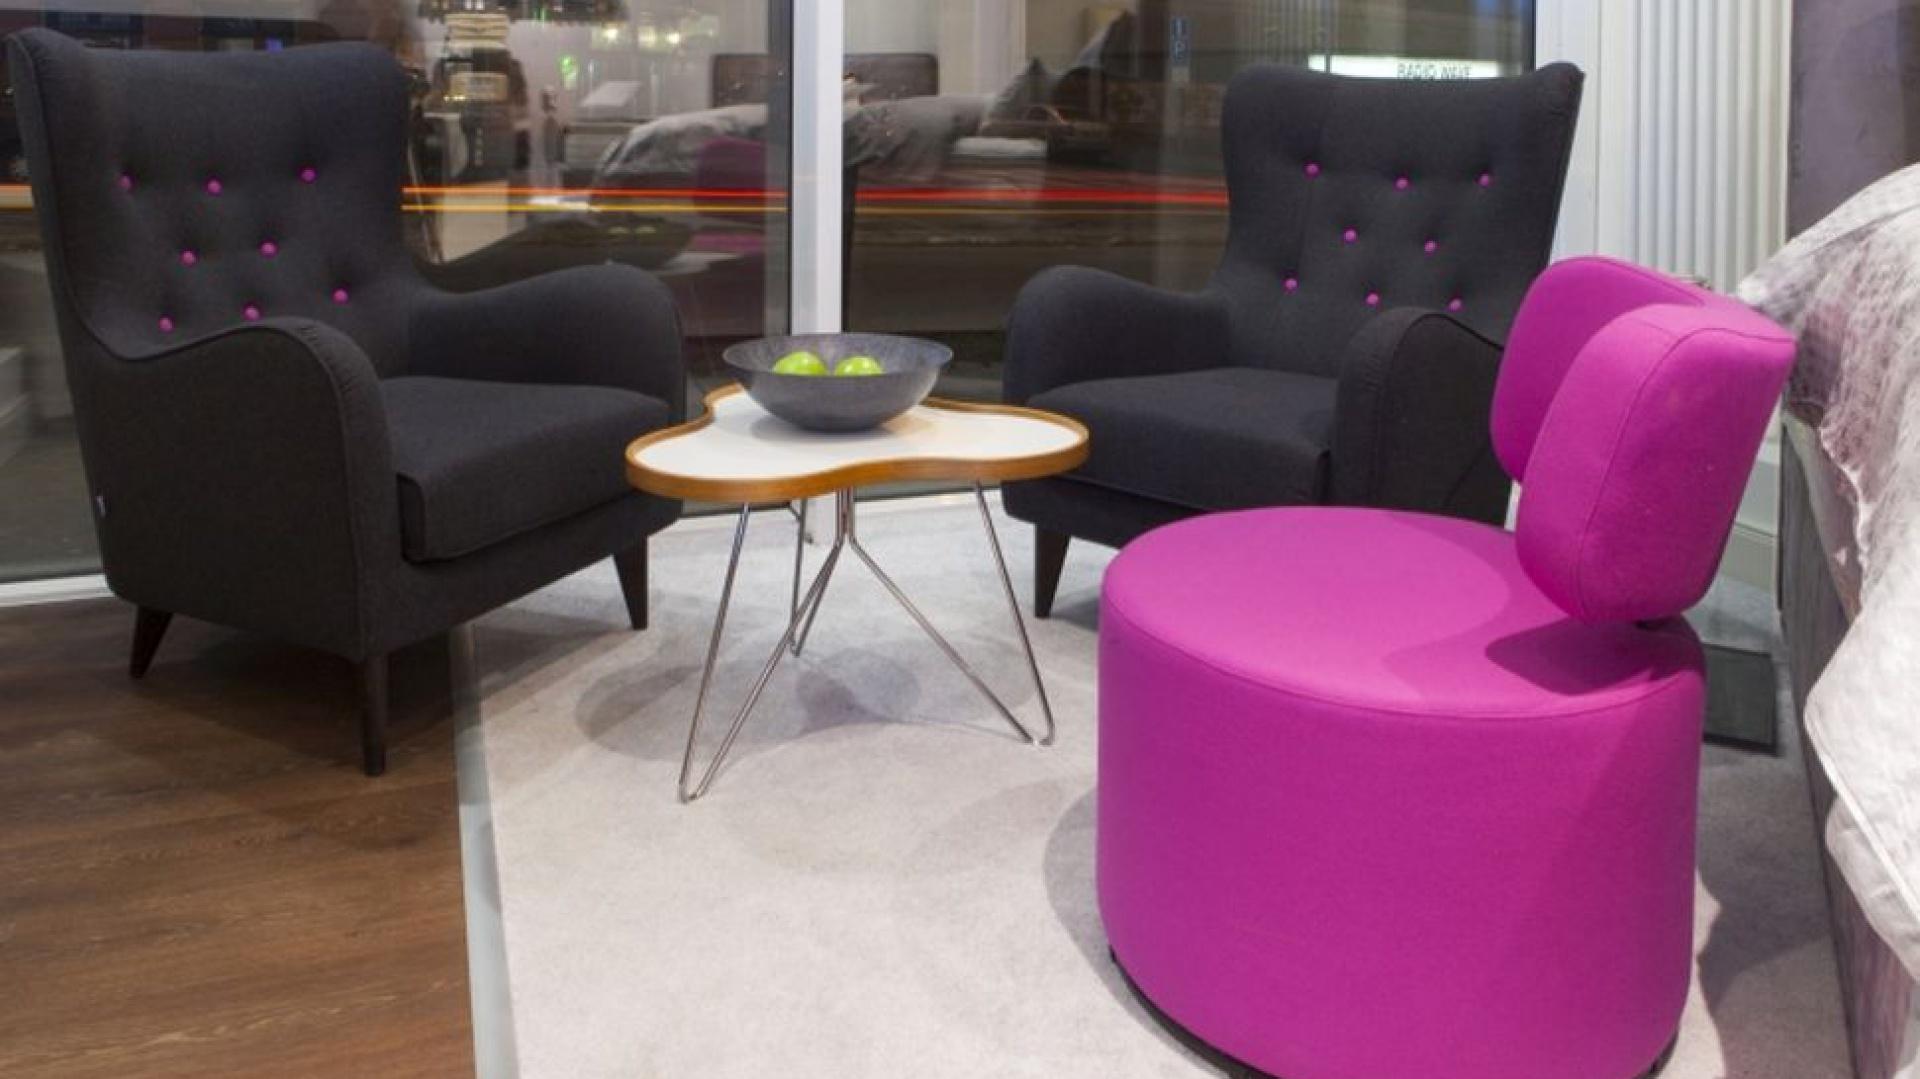 Nieformalny charakter tego typu miejsc spotkań podkreślany jest również poprzez użycie puf. Te urocze siedziska w różnych rozmiarach, kształtach i kolorach, niedbale rozrzucone, przypominać nam będą nasz mały, prywatny harmider. A gdy się w nie wtulimy, popijając kawę, możemy nawet zapomnieć, że wyszliśmy z domu. Fot. Innex